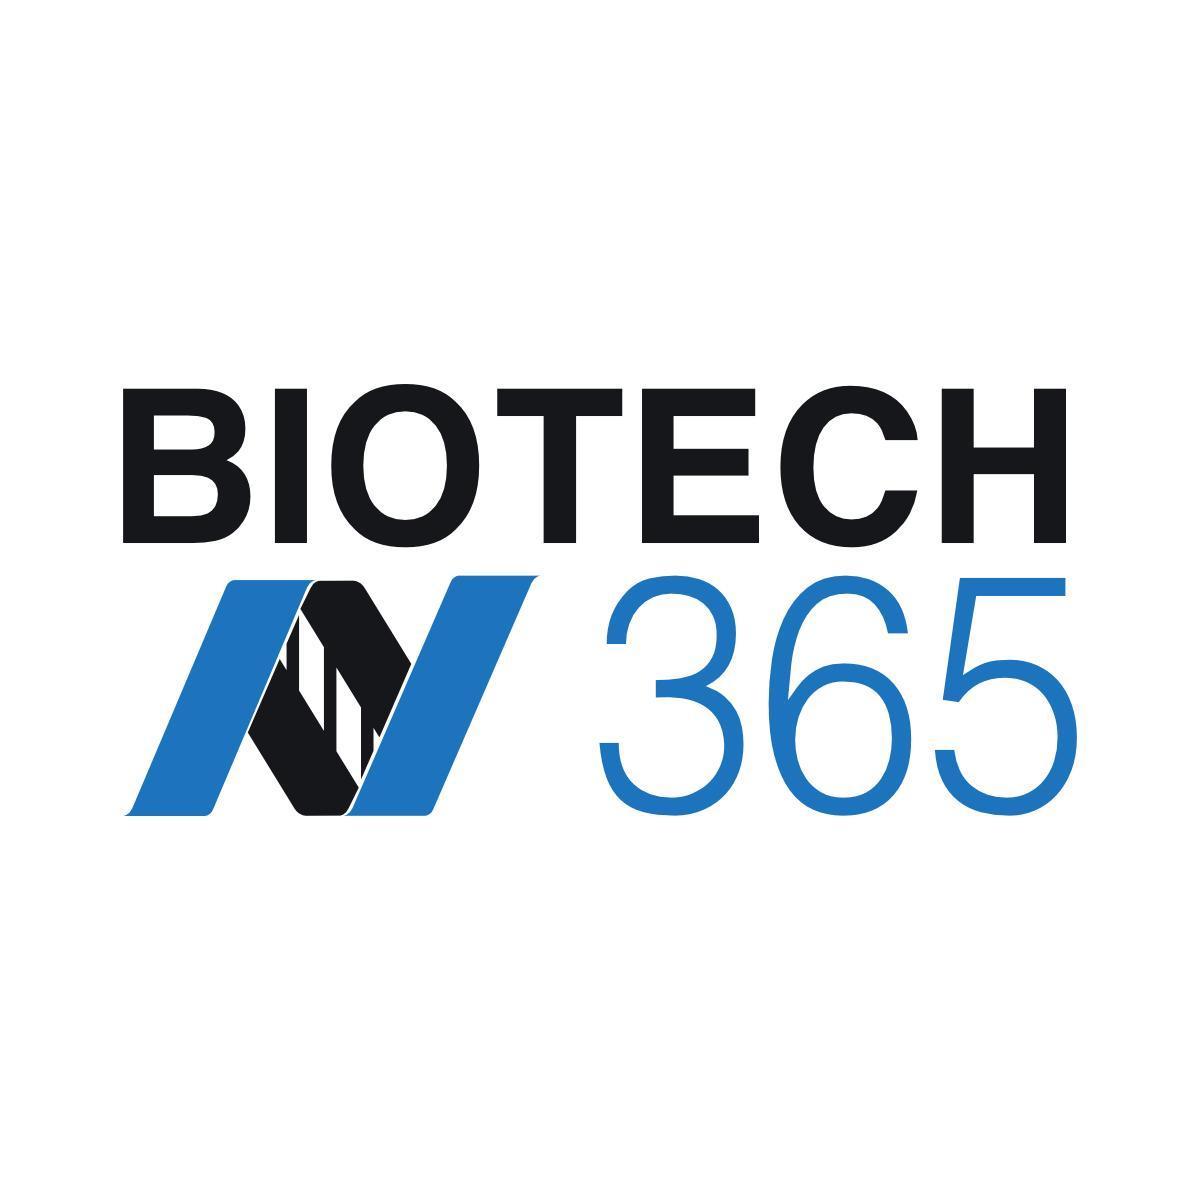 Biotech 365